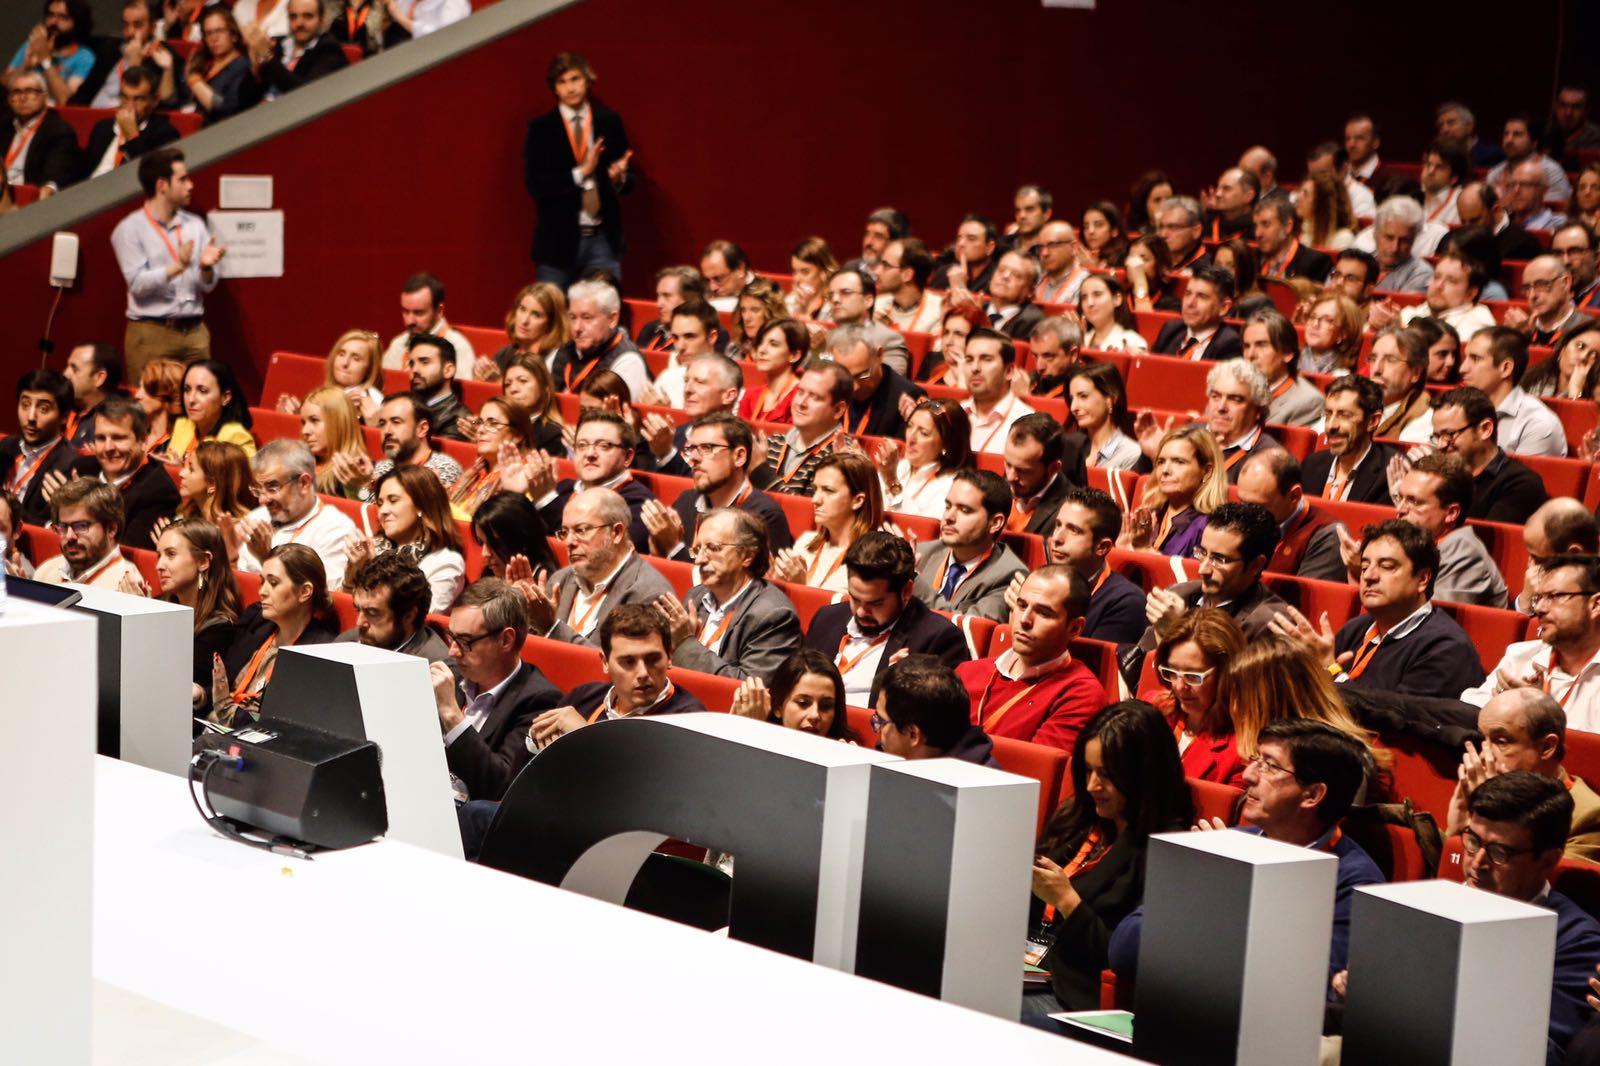 Madrid (España), la militancia y cargo de Ciutadans Partido de la Ciudadanía Ciudadanos, hoy durante la Asamblea del partido. Lasvocesdelpueblo.